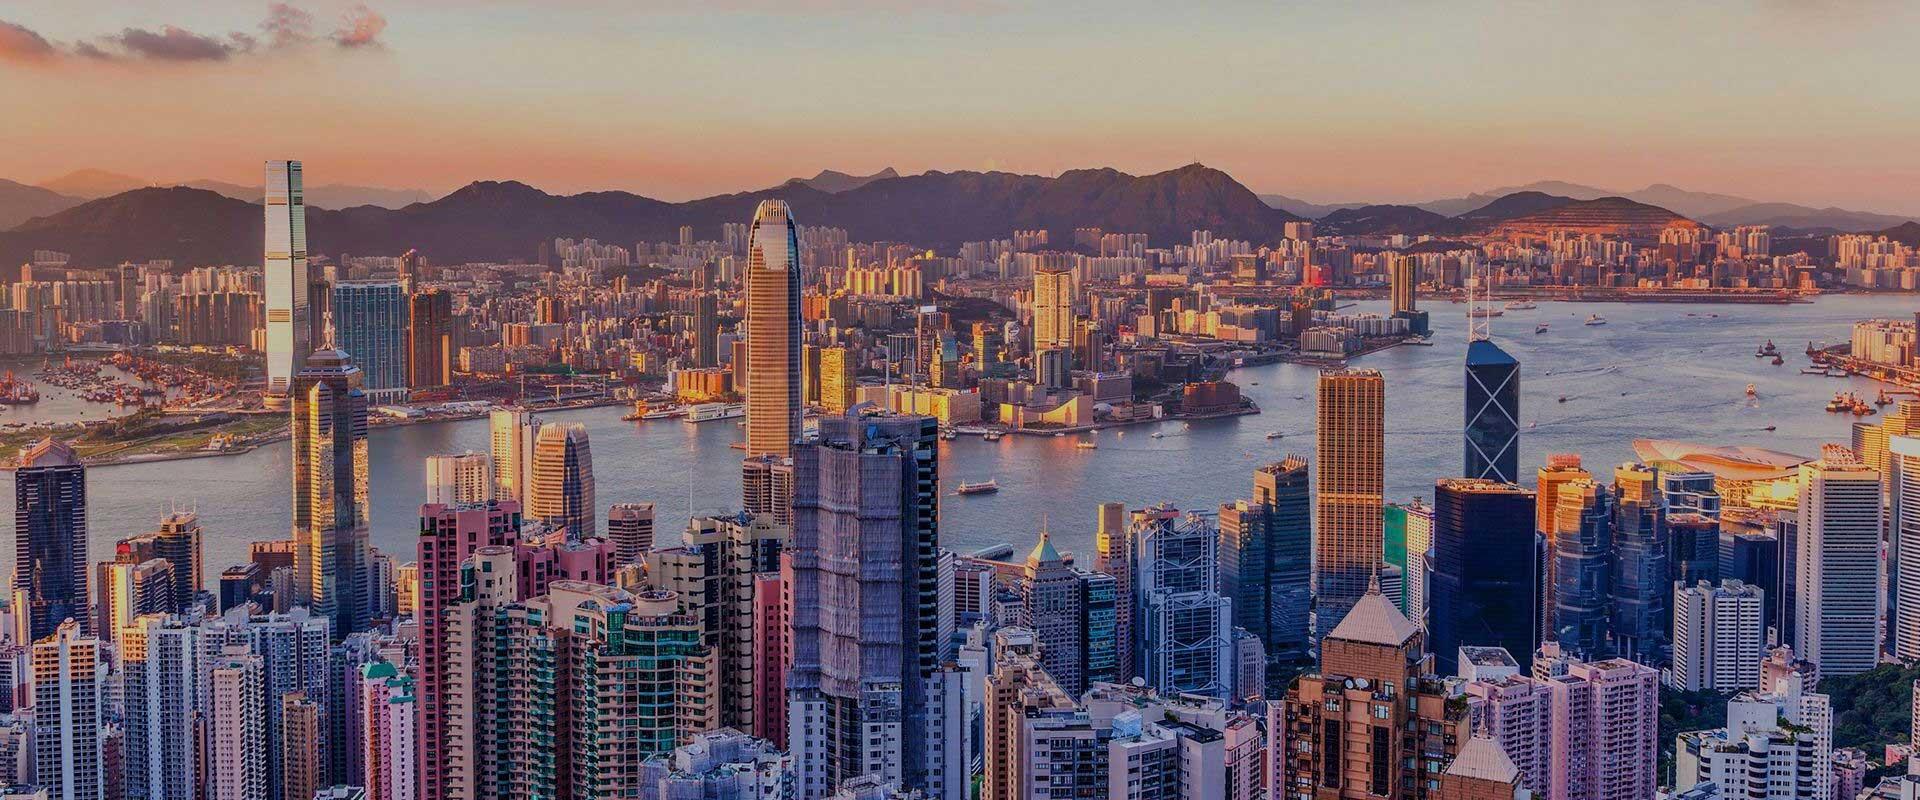 香港海港與高樓美景